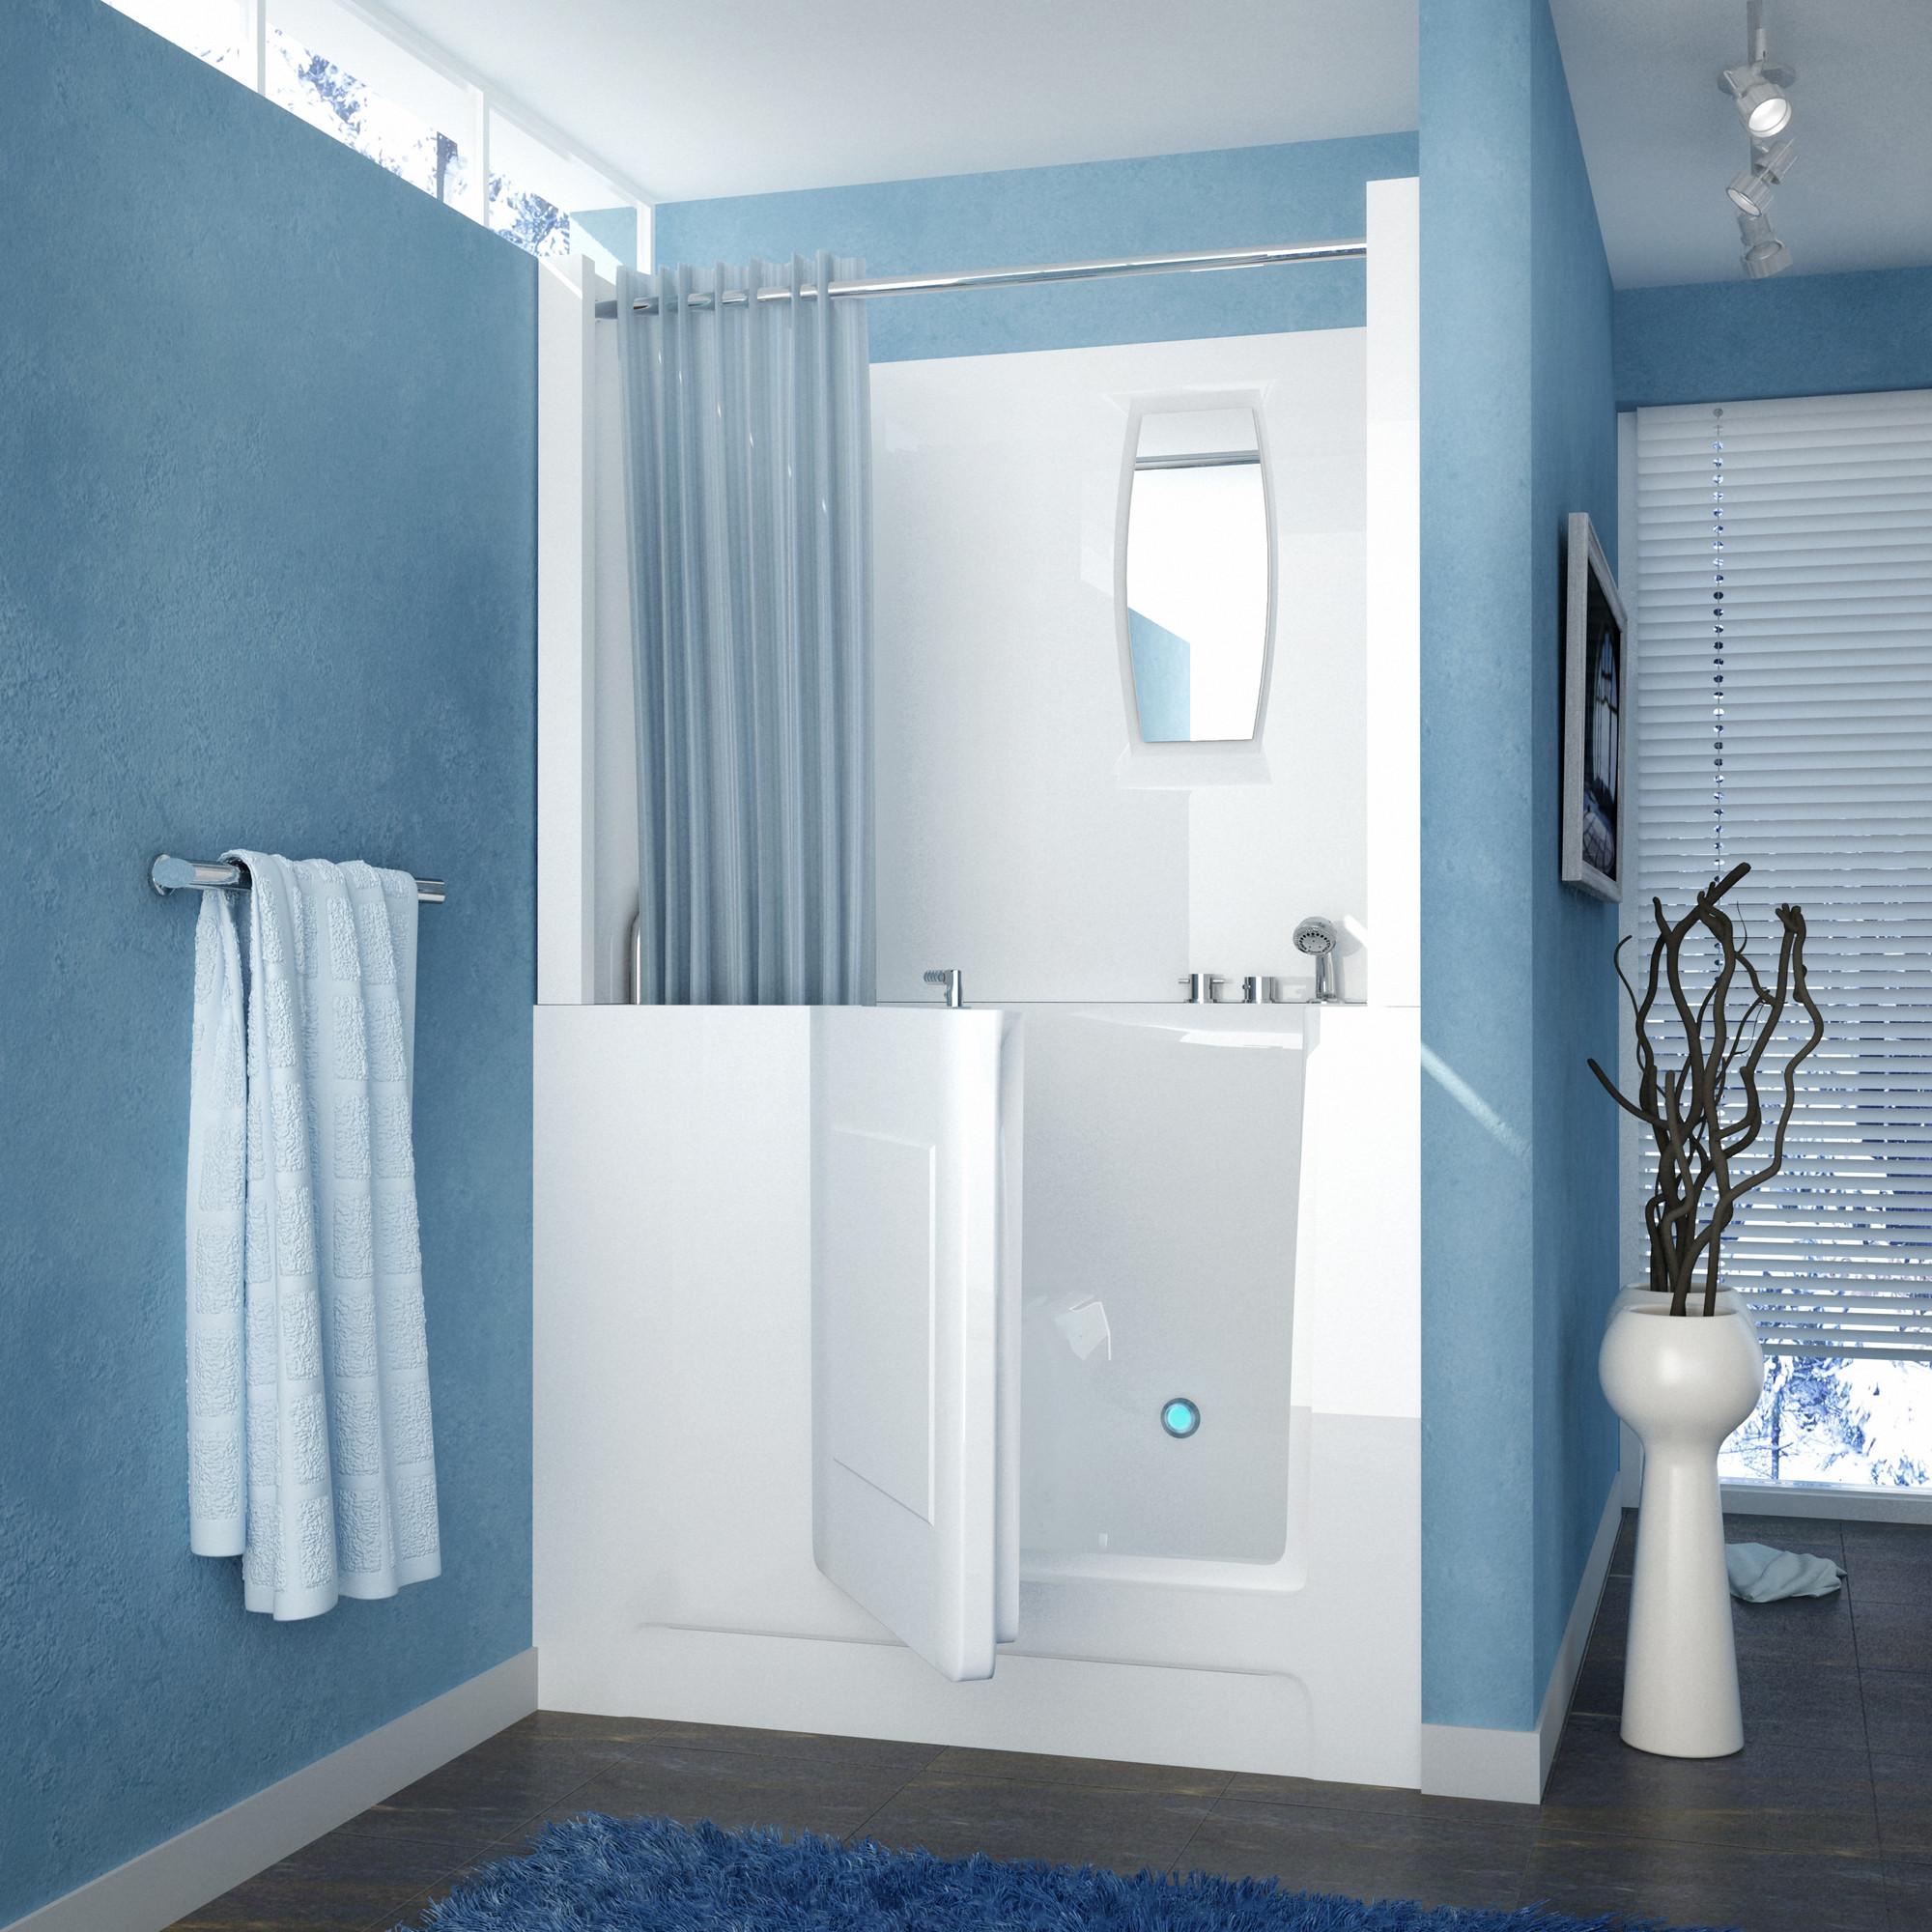 MediTub 2747RWS Walk-In 27 x 47 Right Drain White Soaking Bathtub